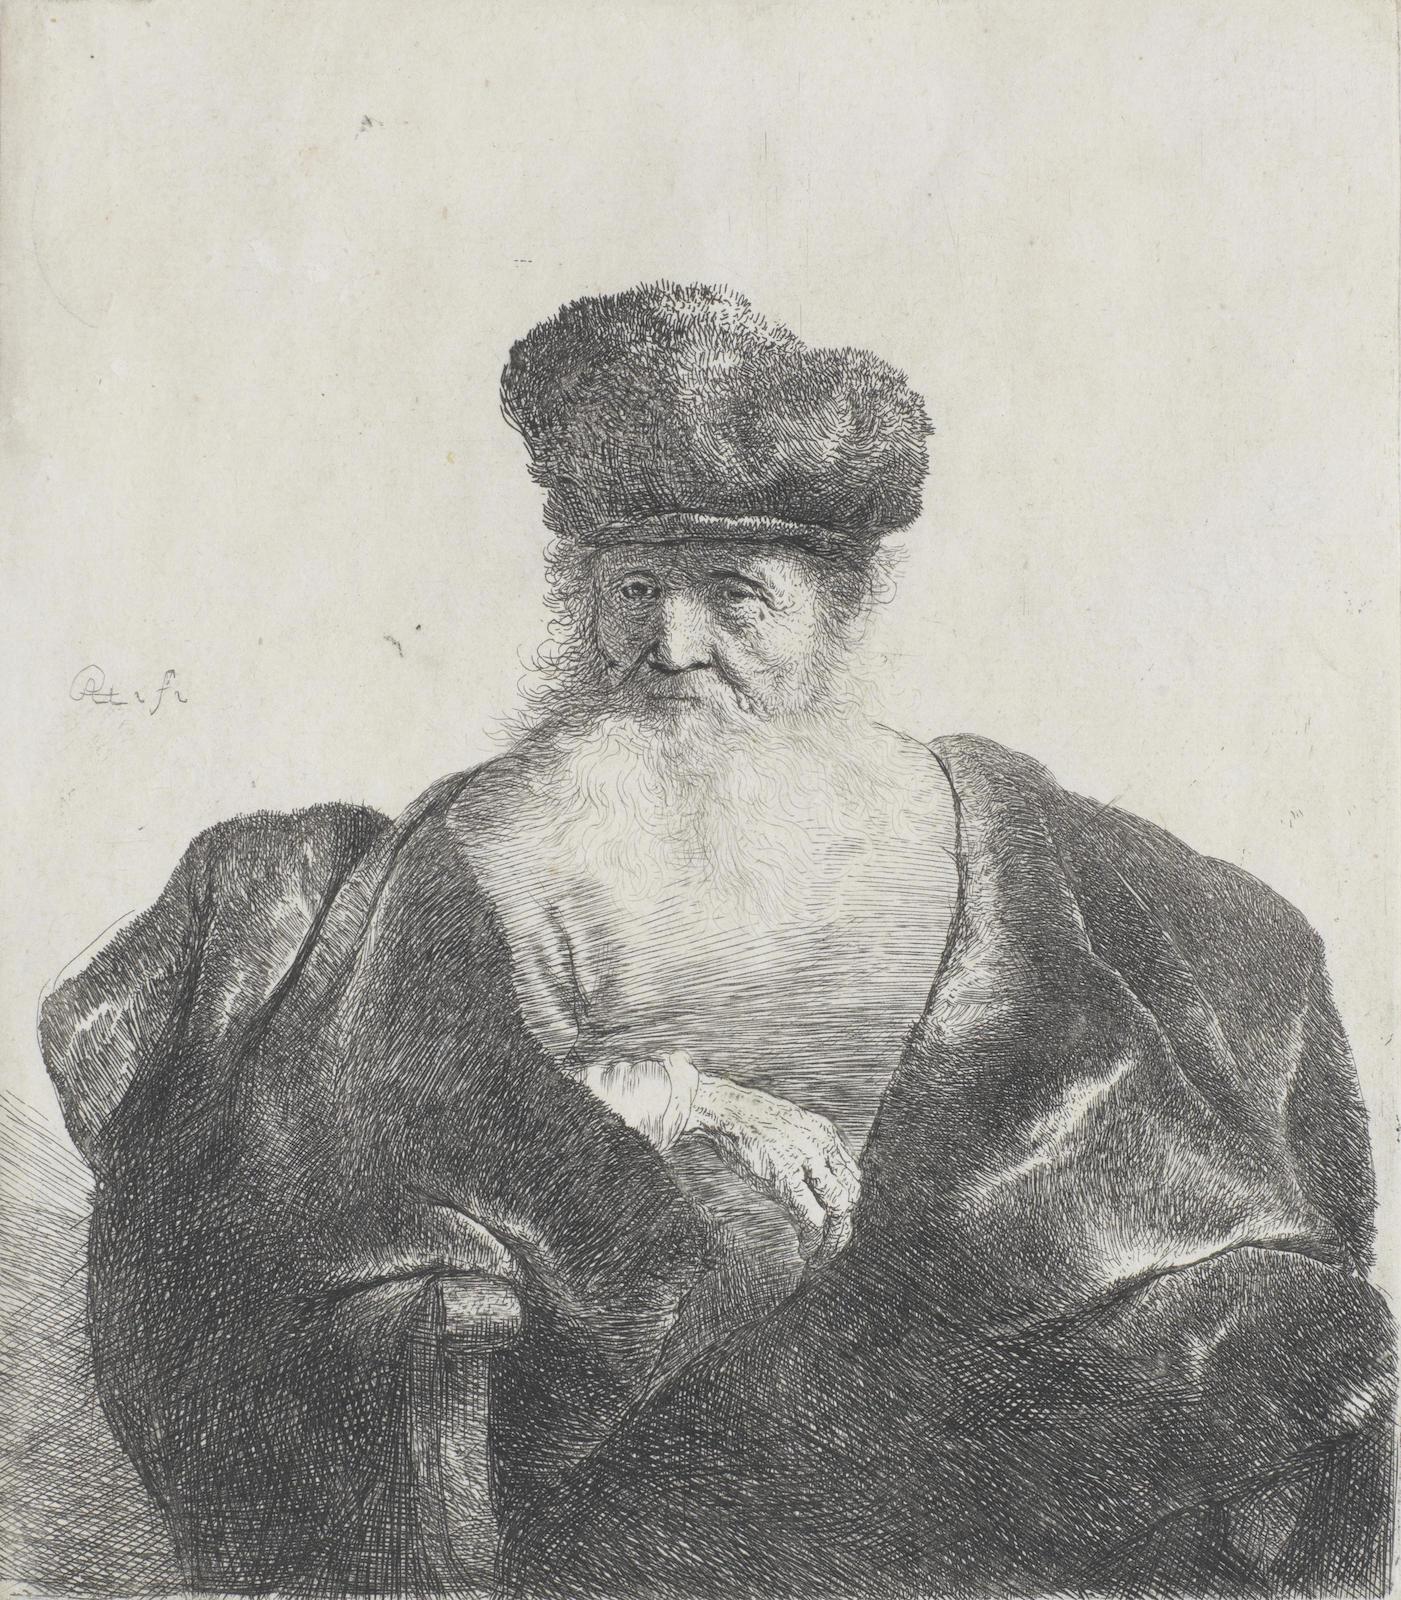 Rembrandt van Rijn-Old Man with Beard, Fur Cap and Velvet Cloak (Bartsch 262; New Hollstein 92)-1631